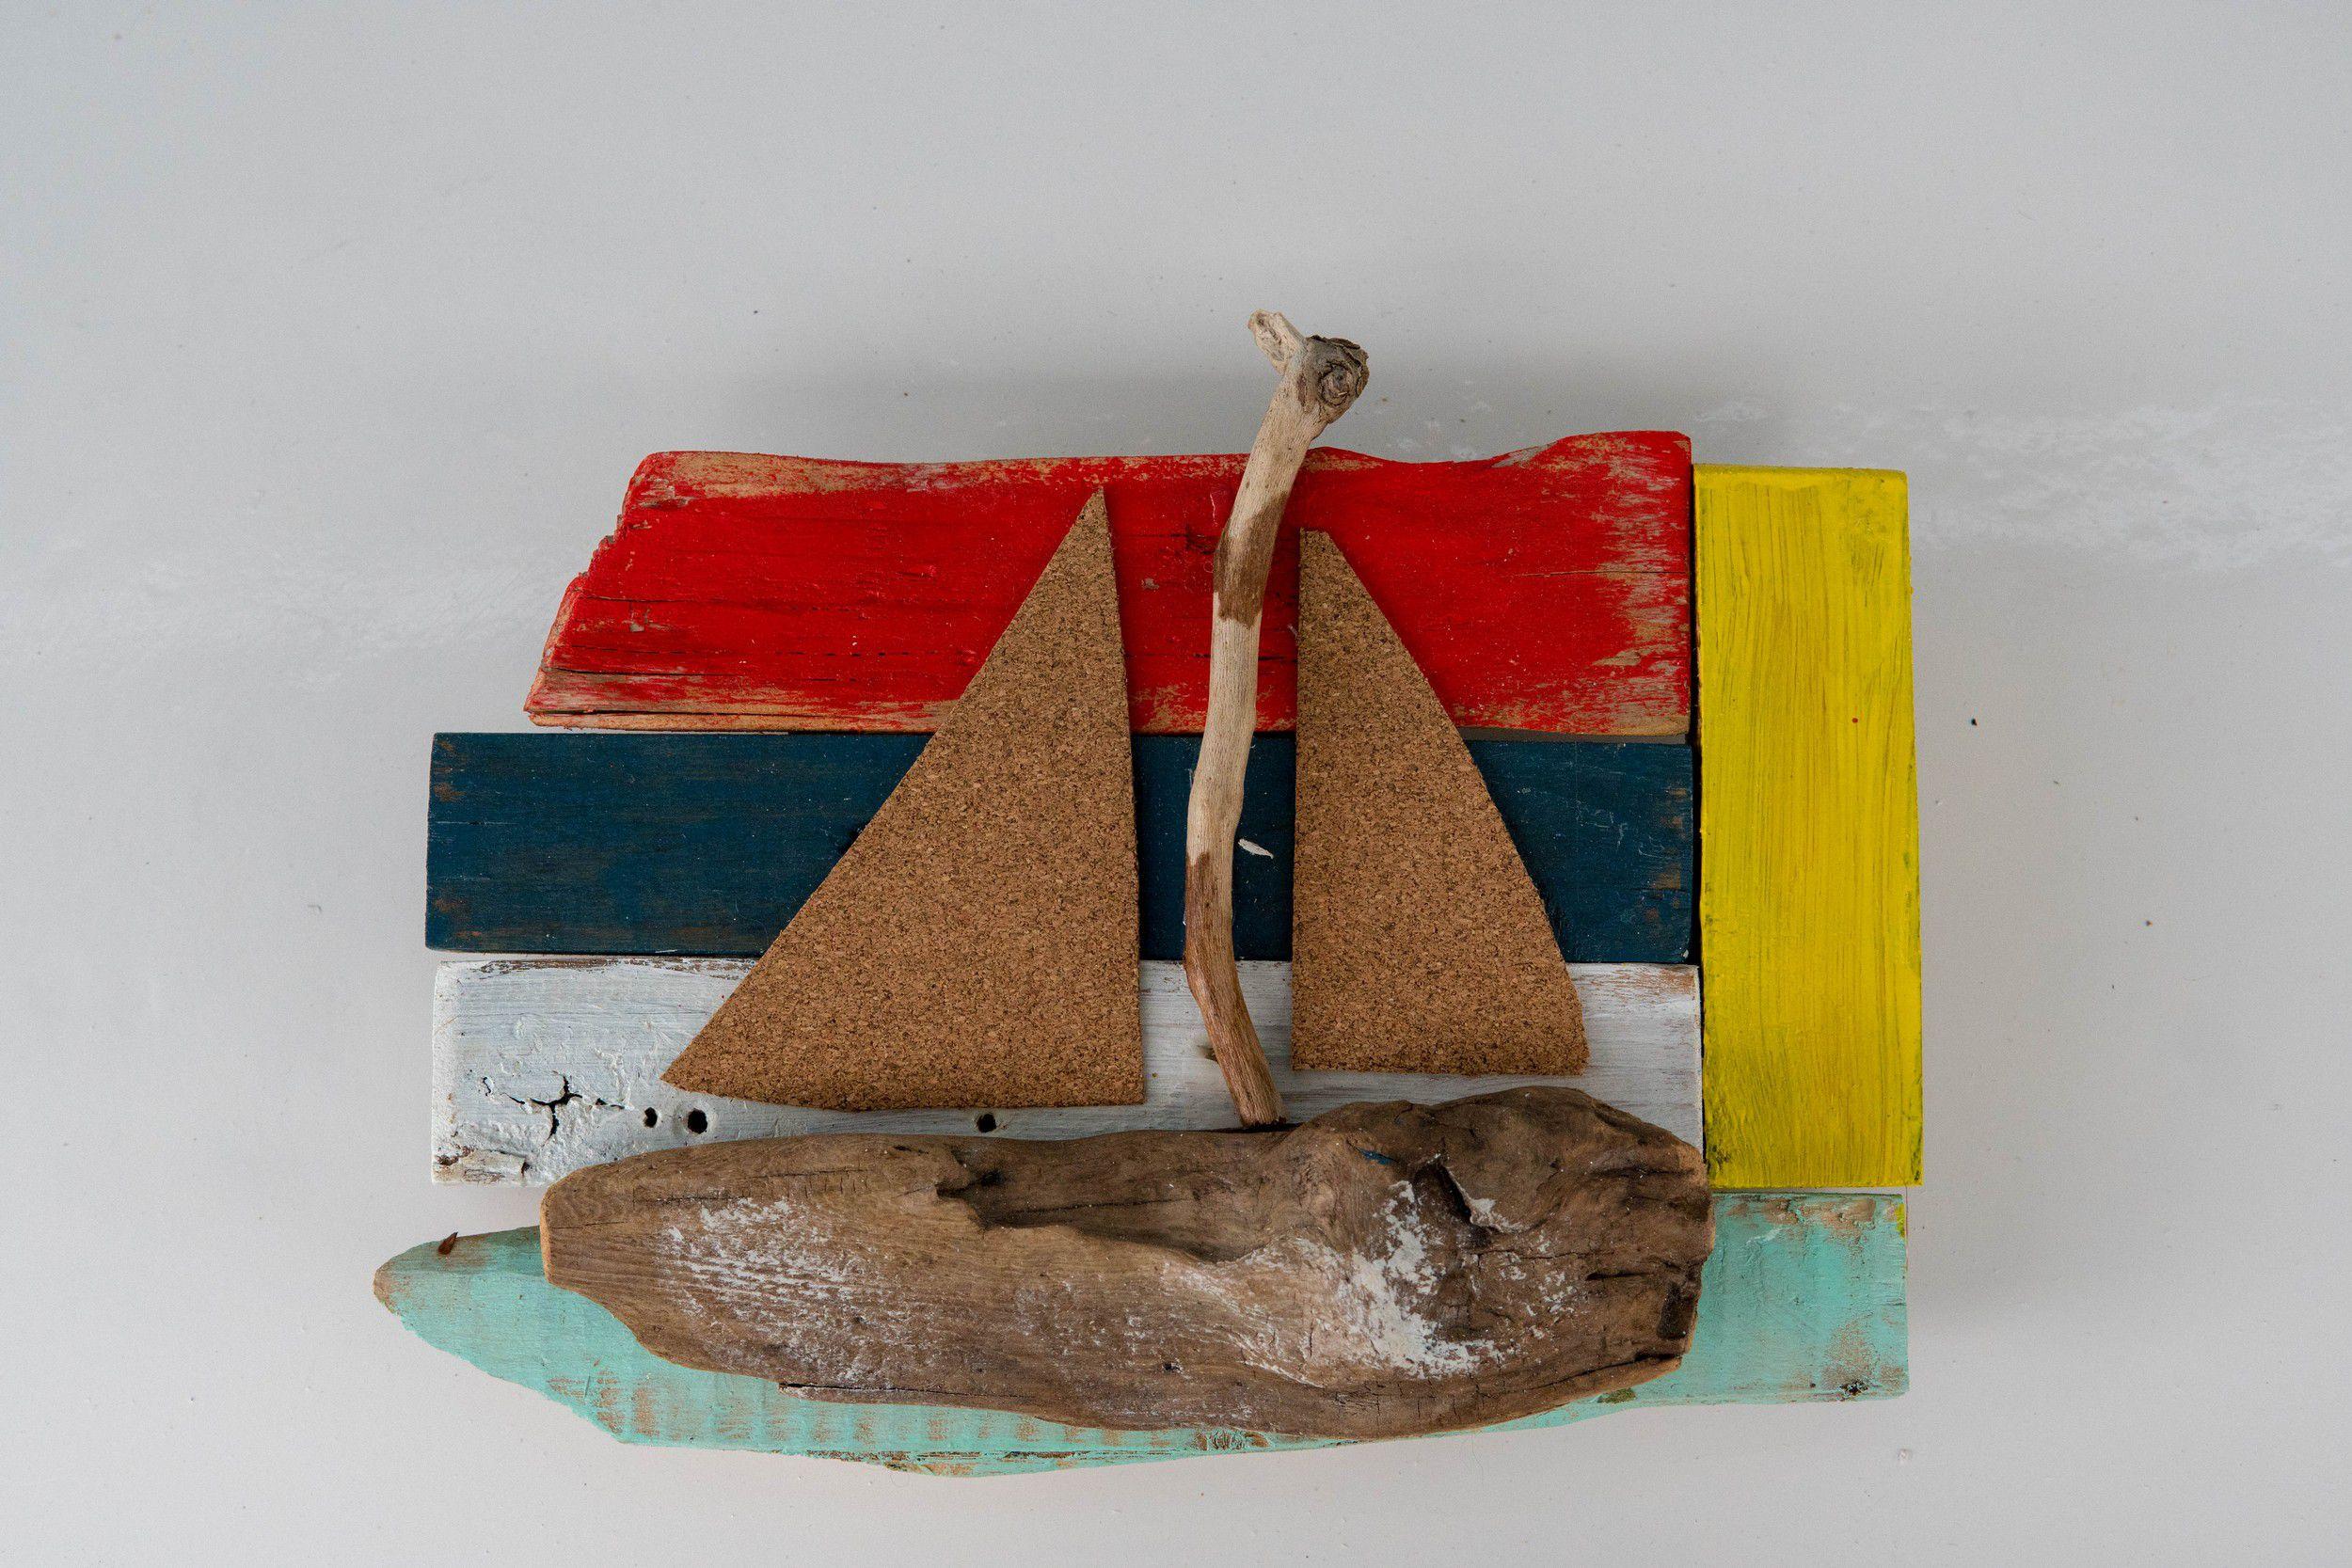 Καράβι με Θαλασσόξυλα πάνω σε Ξύλινο κάδρο.